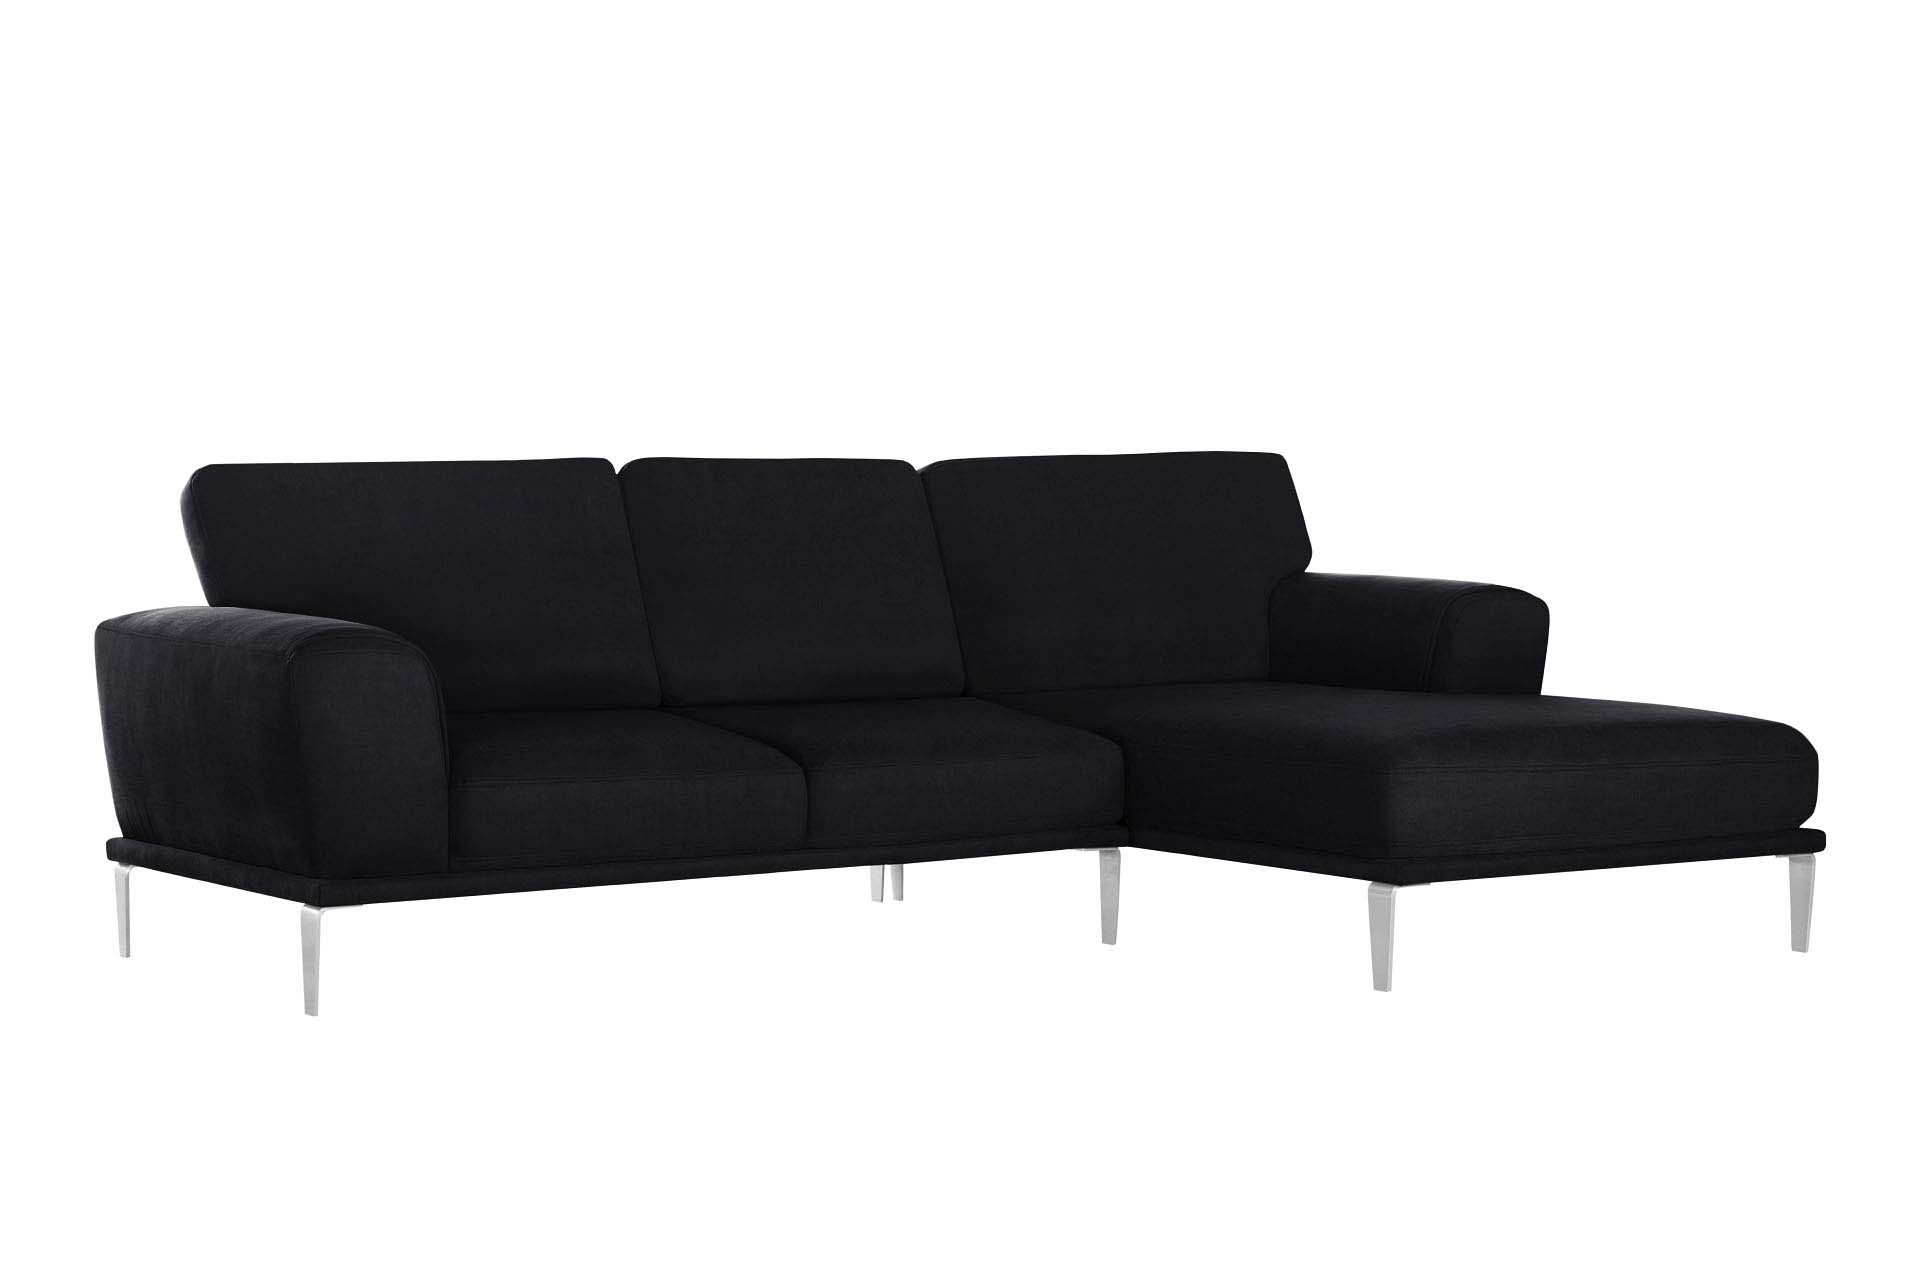 Canapé d'angle 5 places Noir Luxe Design